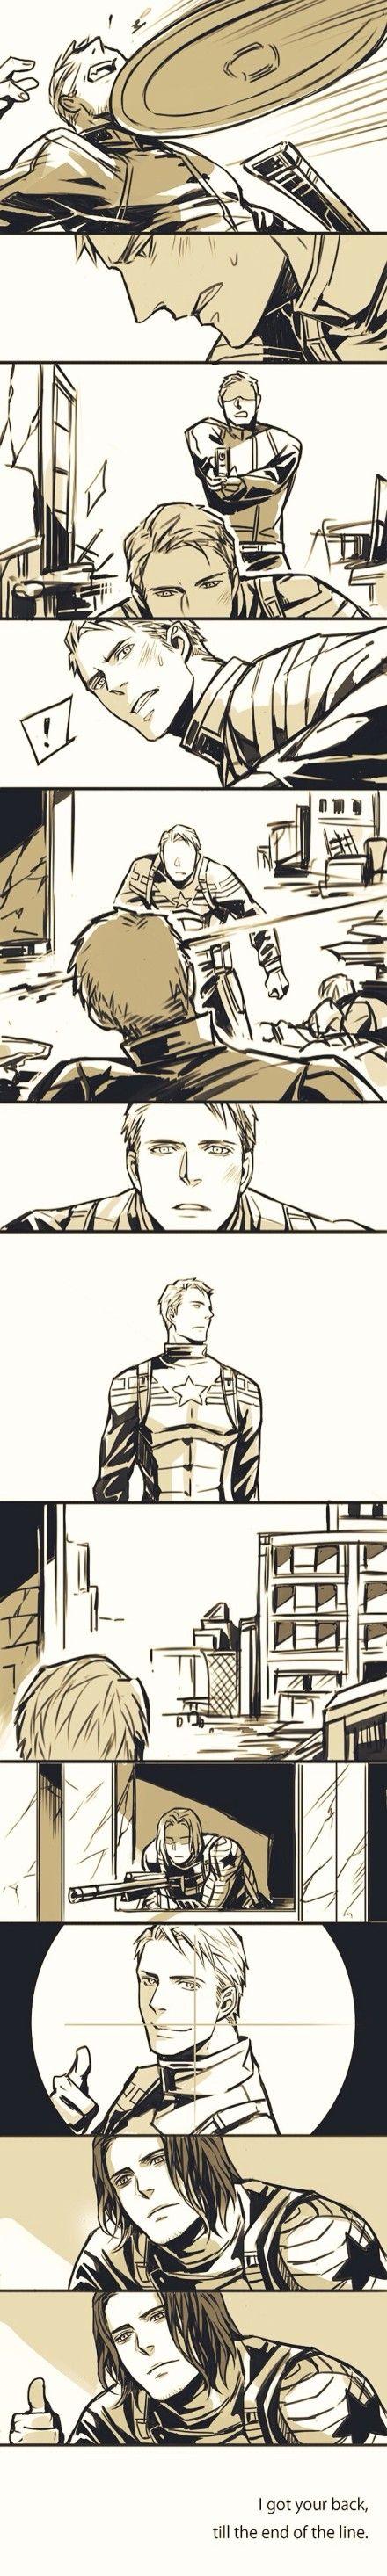 Lo que hace de Marvel una franquicia única son sus héroes rotos y sus villanos elegantes.